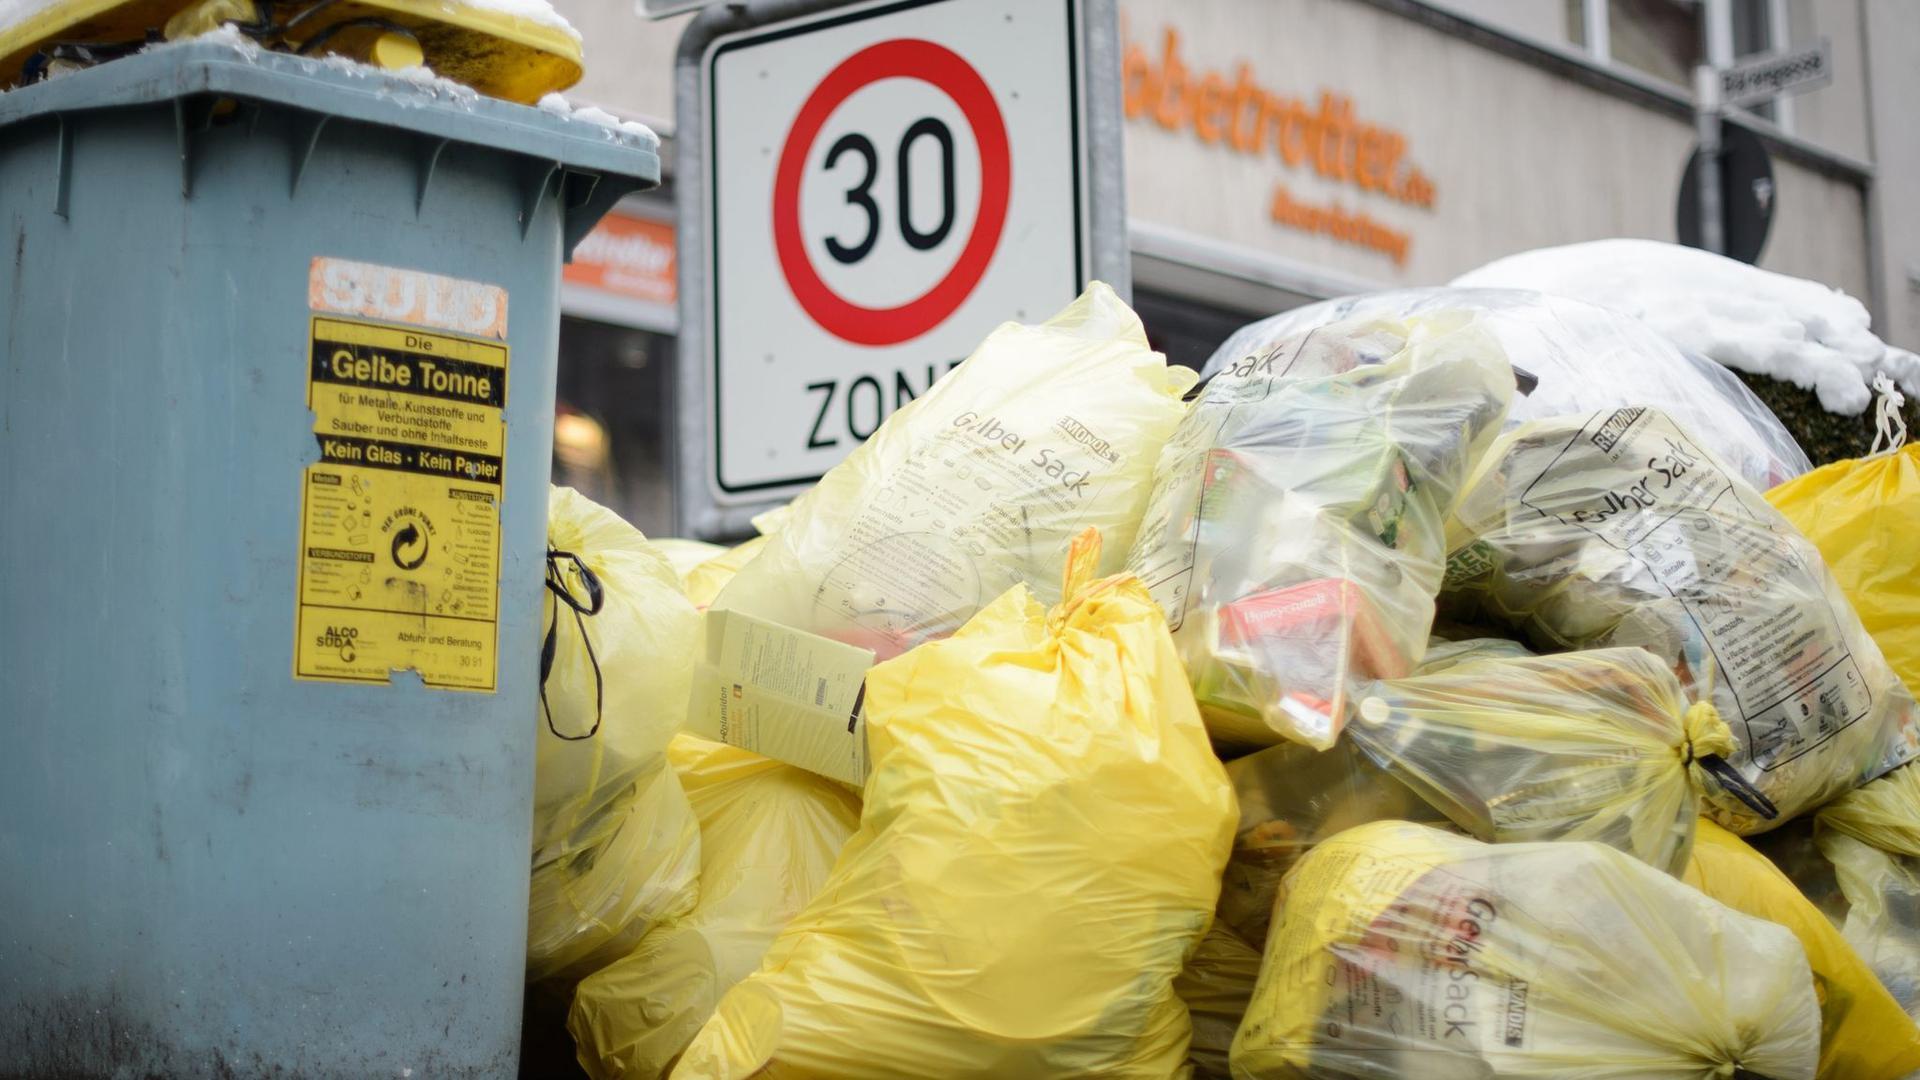 Mülltonnen und gelbe Säcke mit Kunststoff-Abfällen stapeln sich auf einem Fußweg.